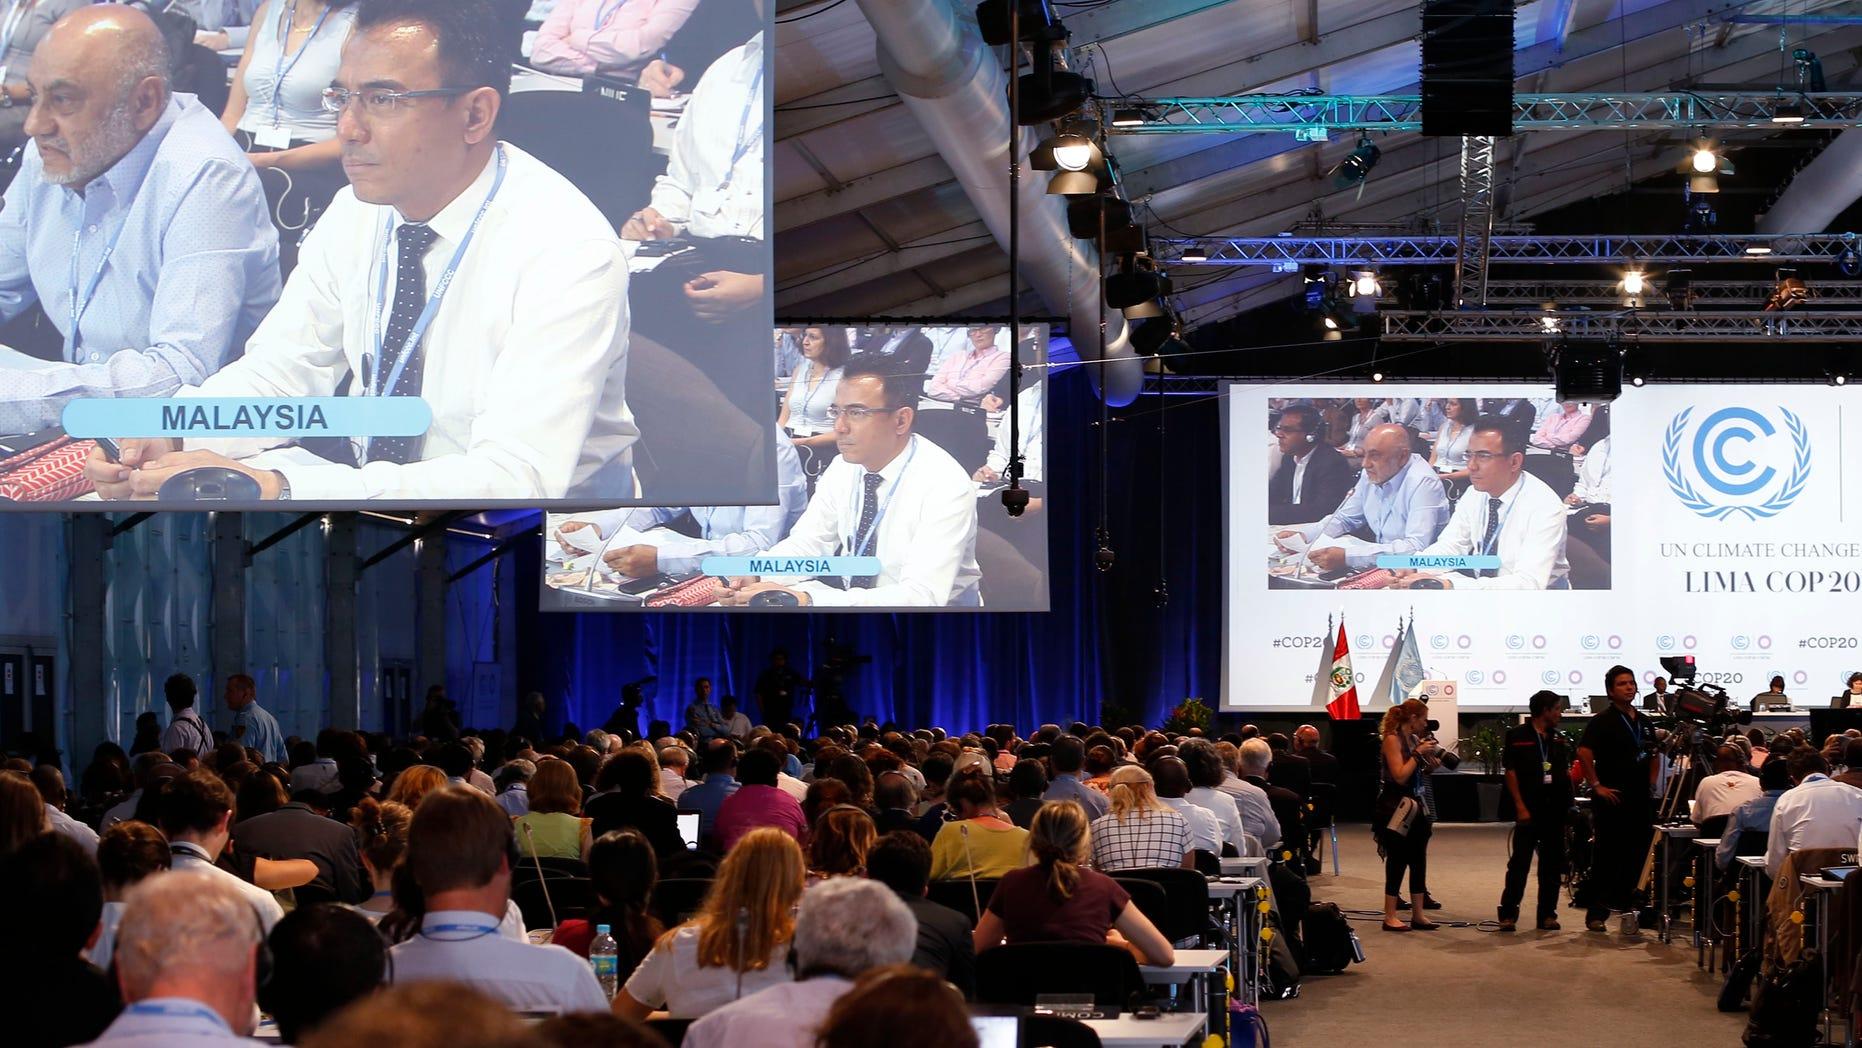 Delegados en la conferencia sobre cambio climático de Naciones Unidas en Lima, Perú, el 11 de diciembre de 2014. Los delegados aprobaron un acuerdo el domingo 14 de diciembre tras un estancameinto de las negociaciones cuando los países en desarrollo rechazaron el primer borrador. (AP Photo/Juan Karita)